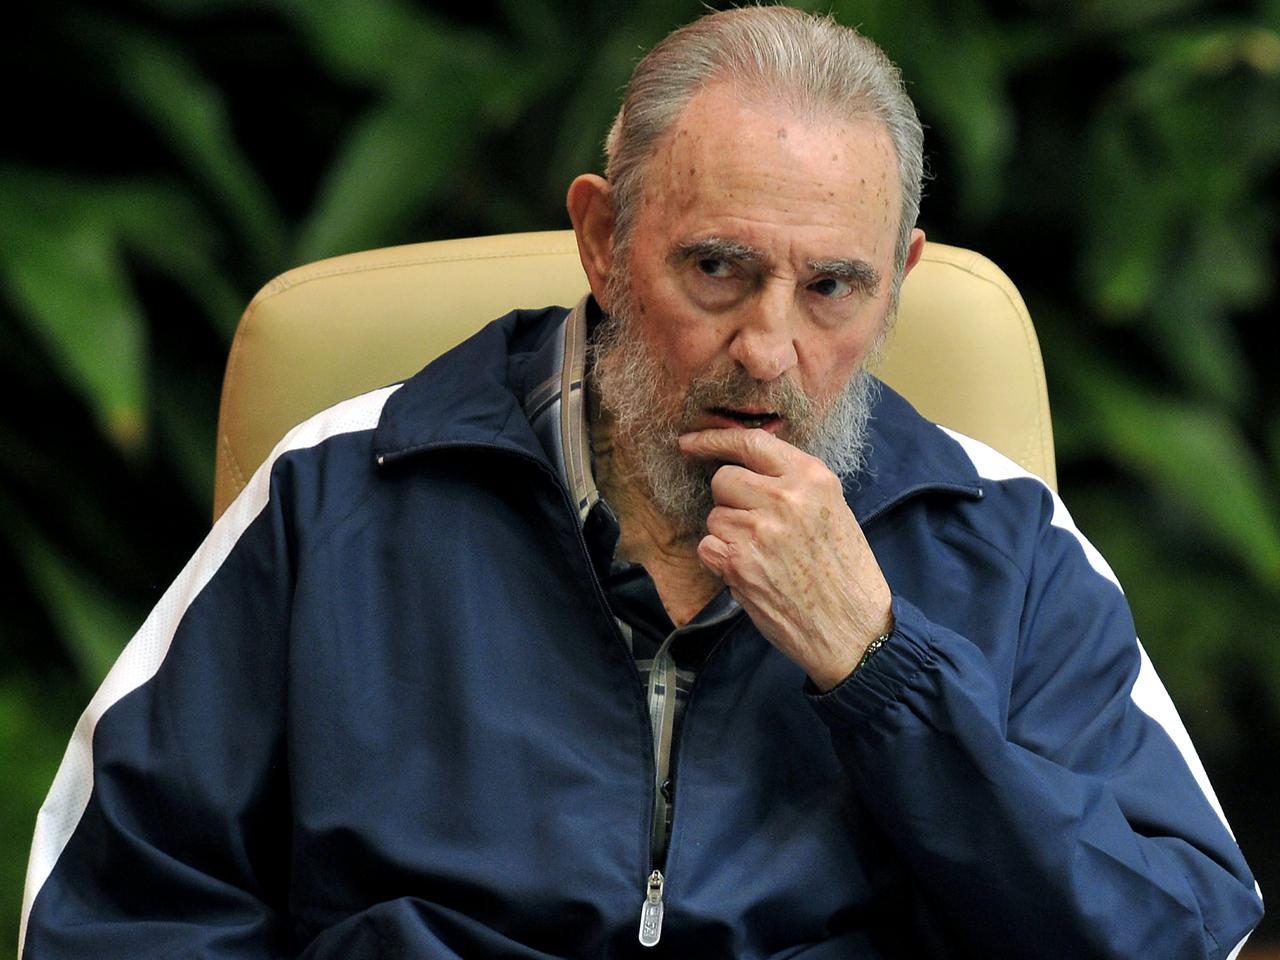 essays on fidel castro Fidel castro analyse the involvement of fidel castro in creating a revolutionary cuba fidel castro was born on august 13, 1926, near his father's farm in biran, in southeast cuba.